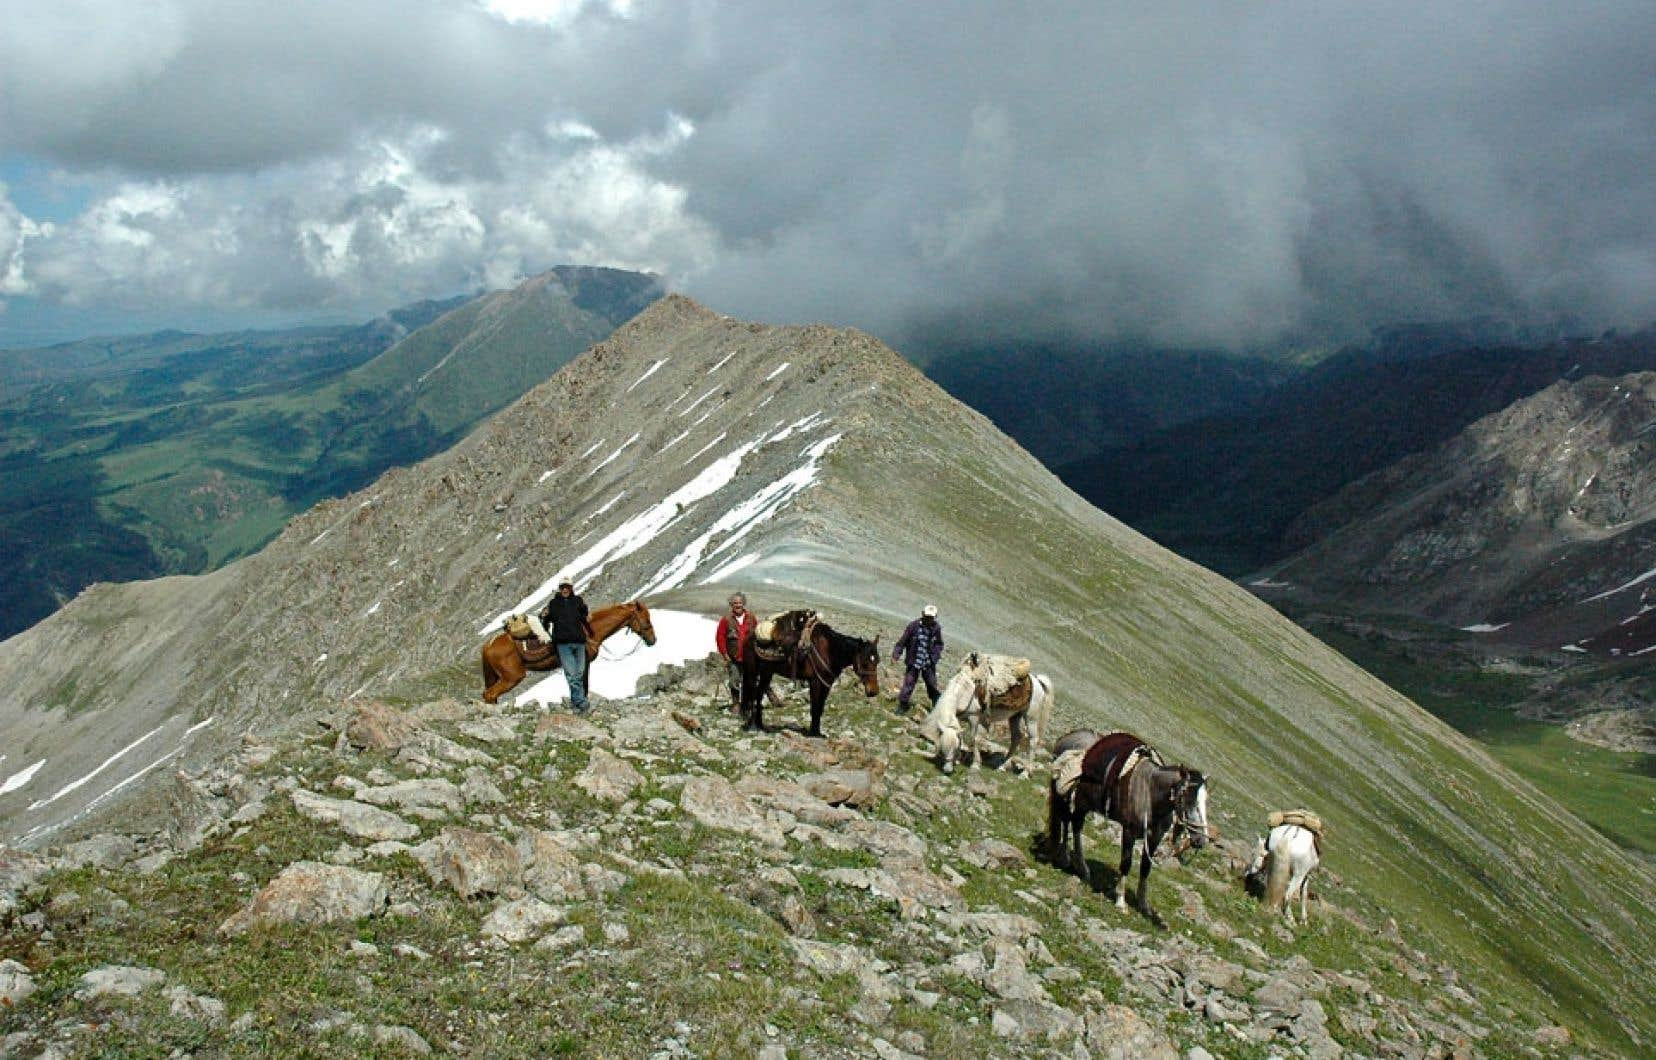 À 4000 mètres d'altitude dans les Tian Shan.